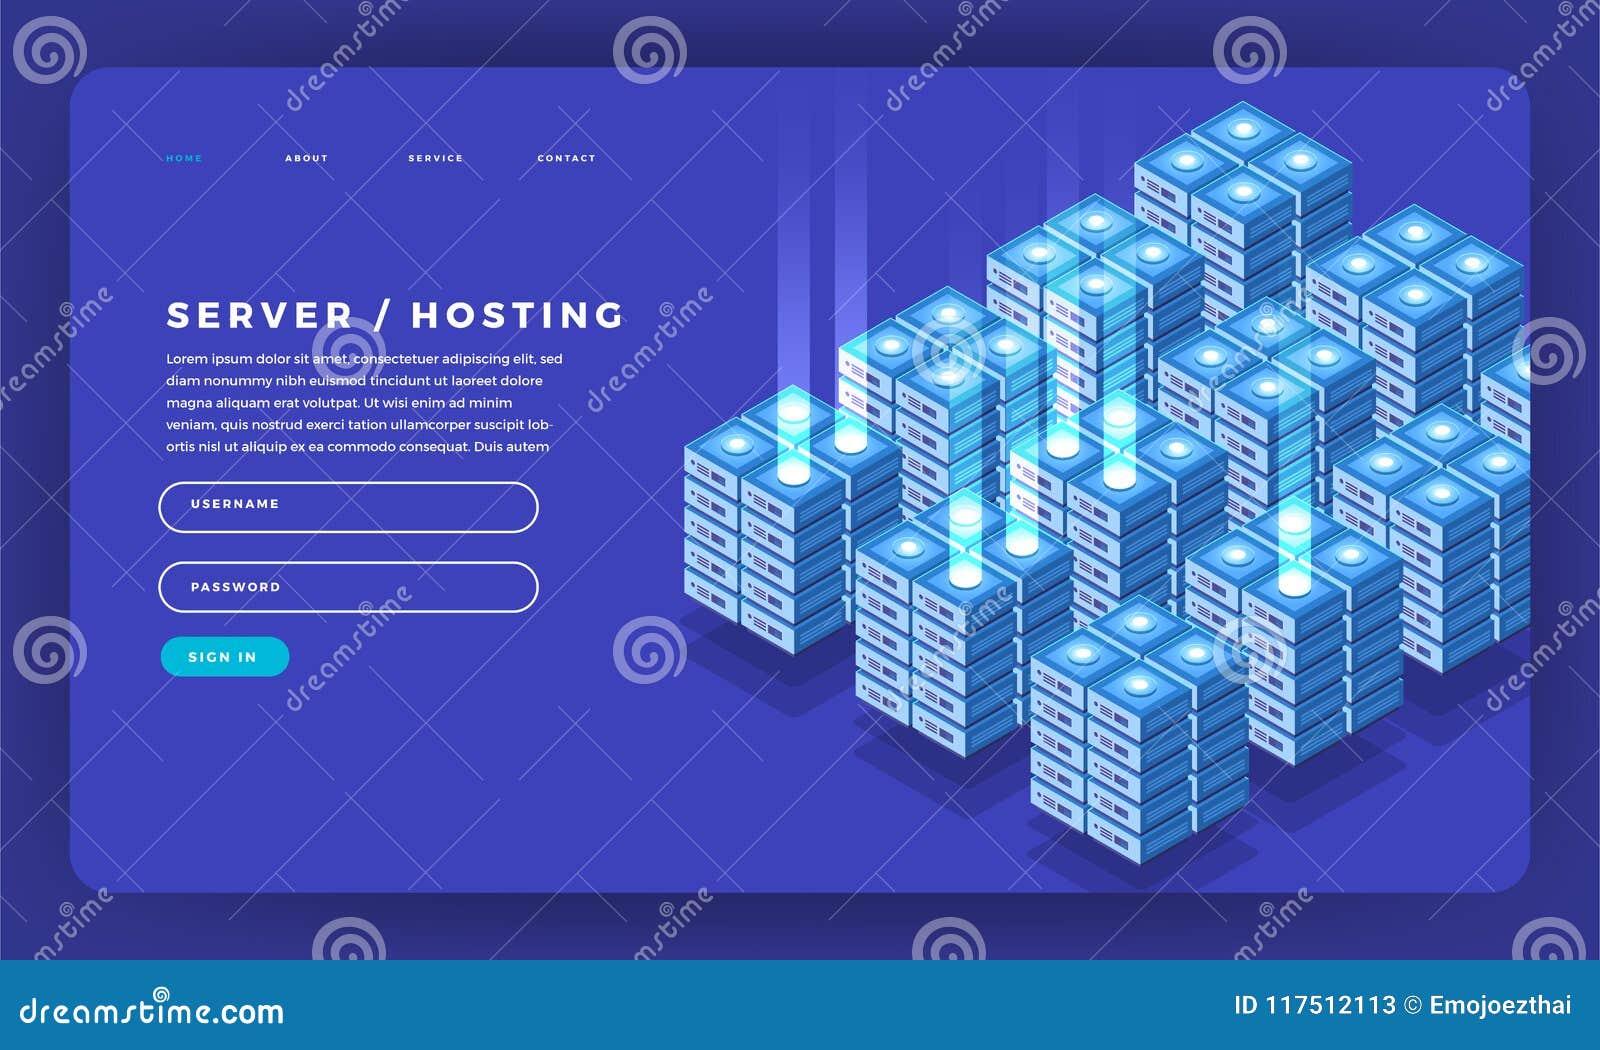 что такое виртуальный сервер хостинг